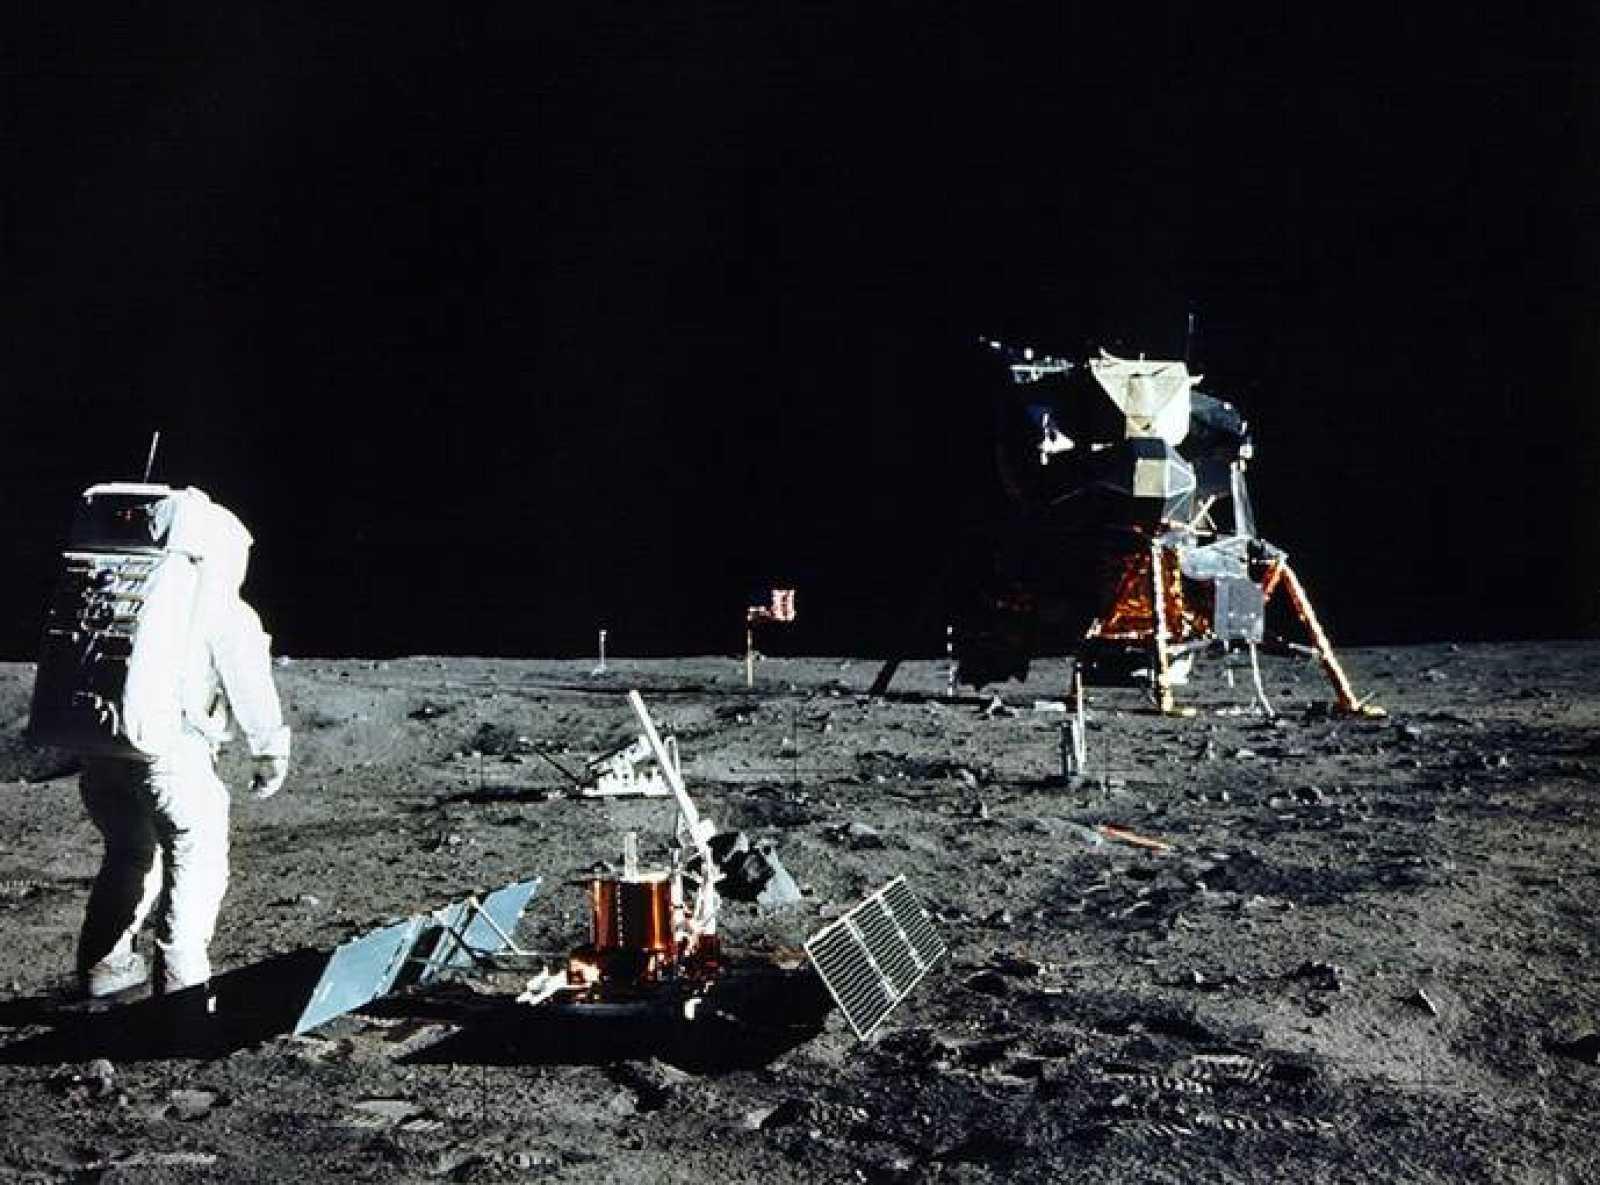 Imagen del astronauta del Apolo 11, Buzz Aldrin, en el primer paseo lunar.